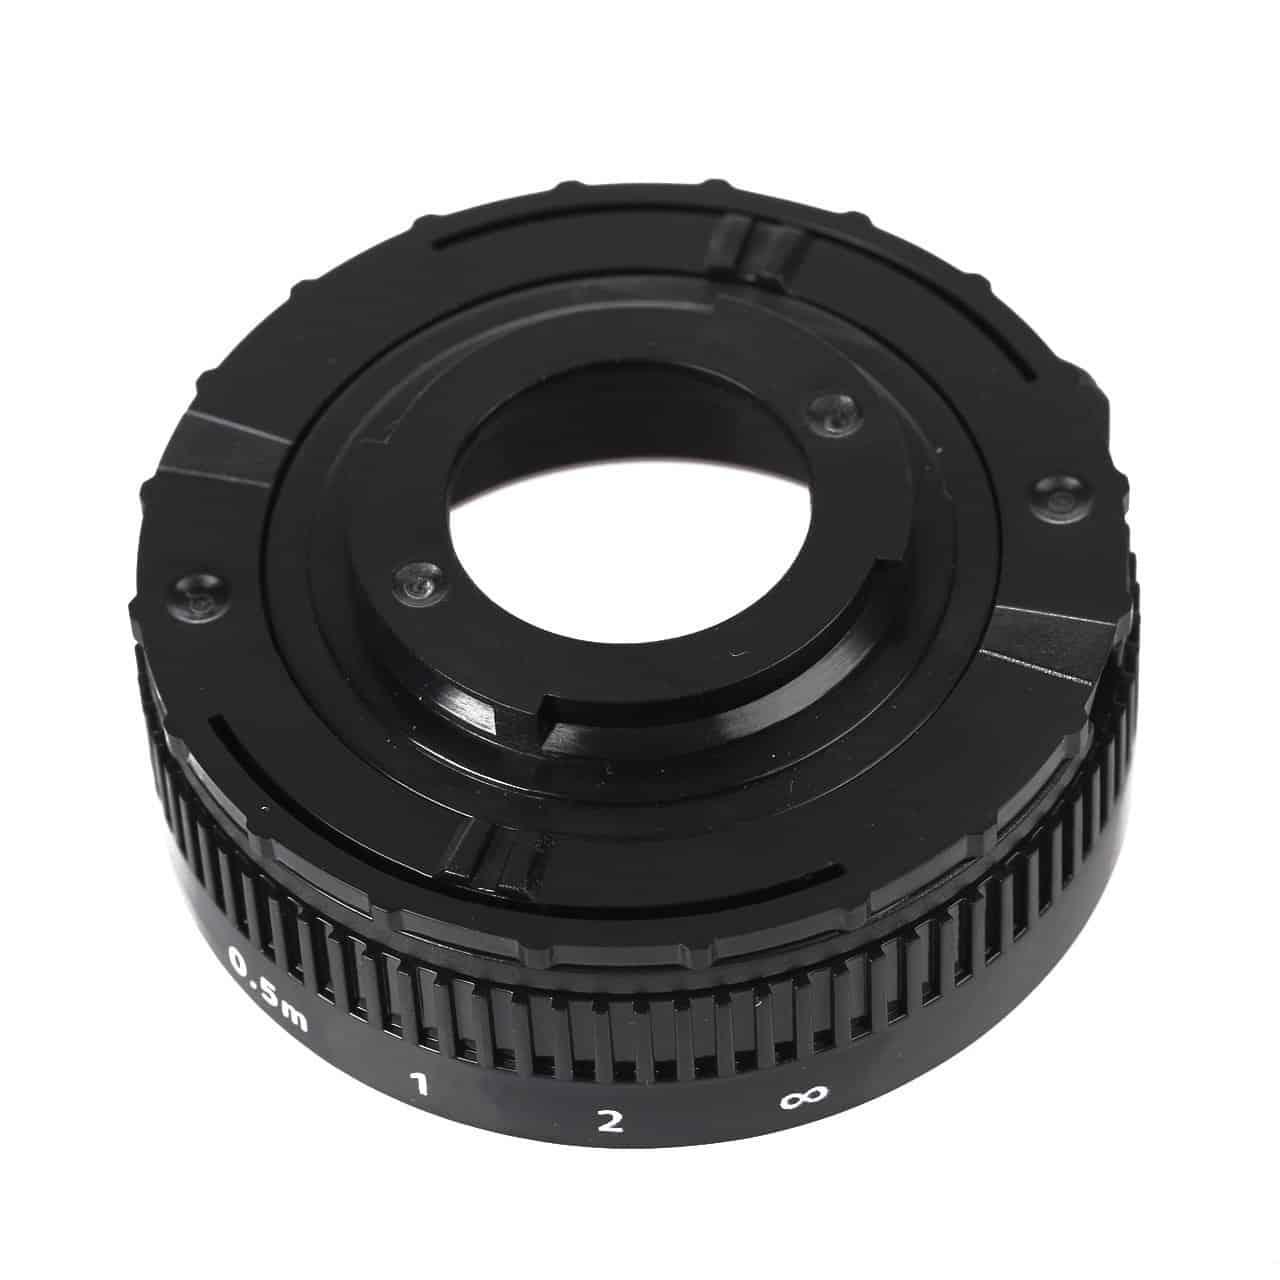 Lomography Konstruktor DIY 35mm SLR Camera Lens Adjuster